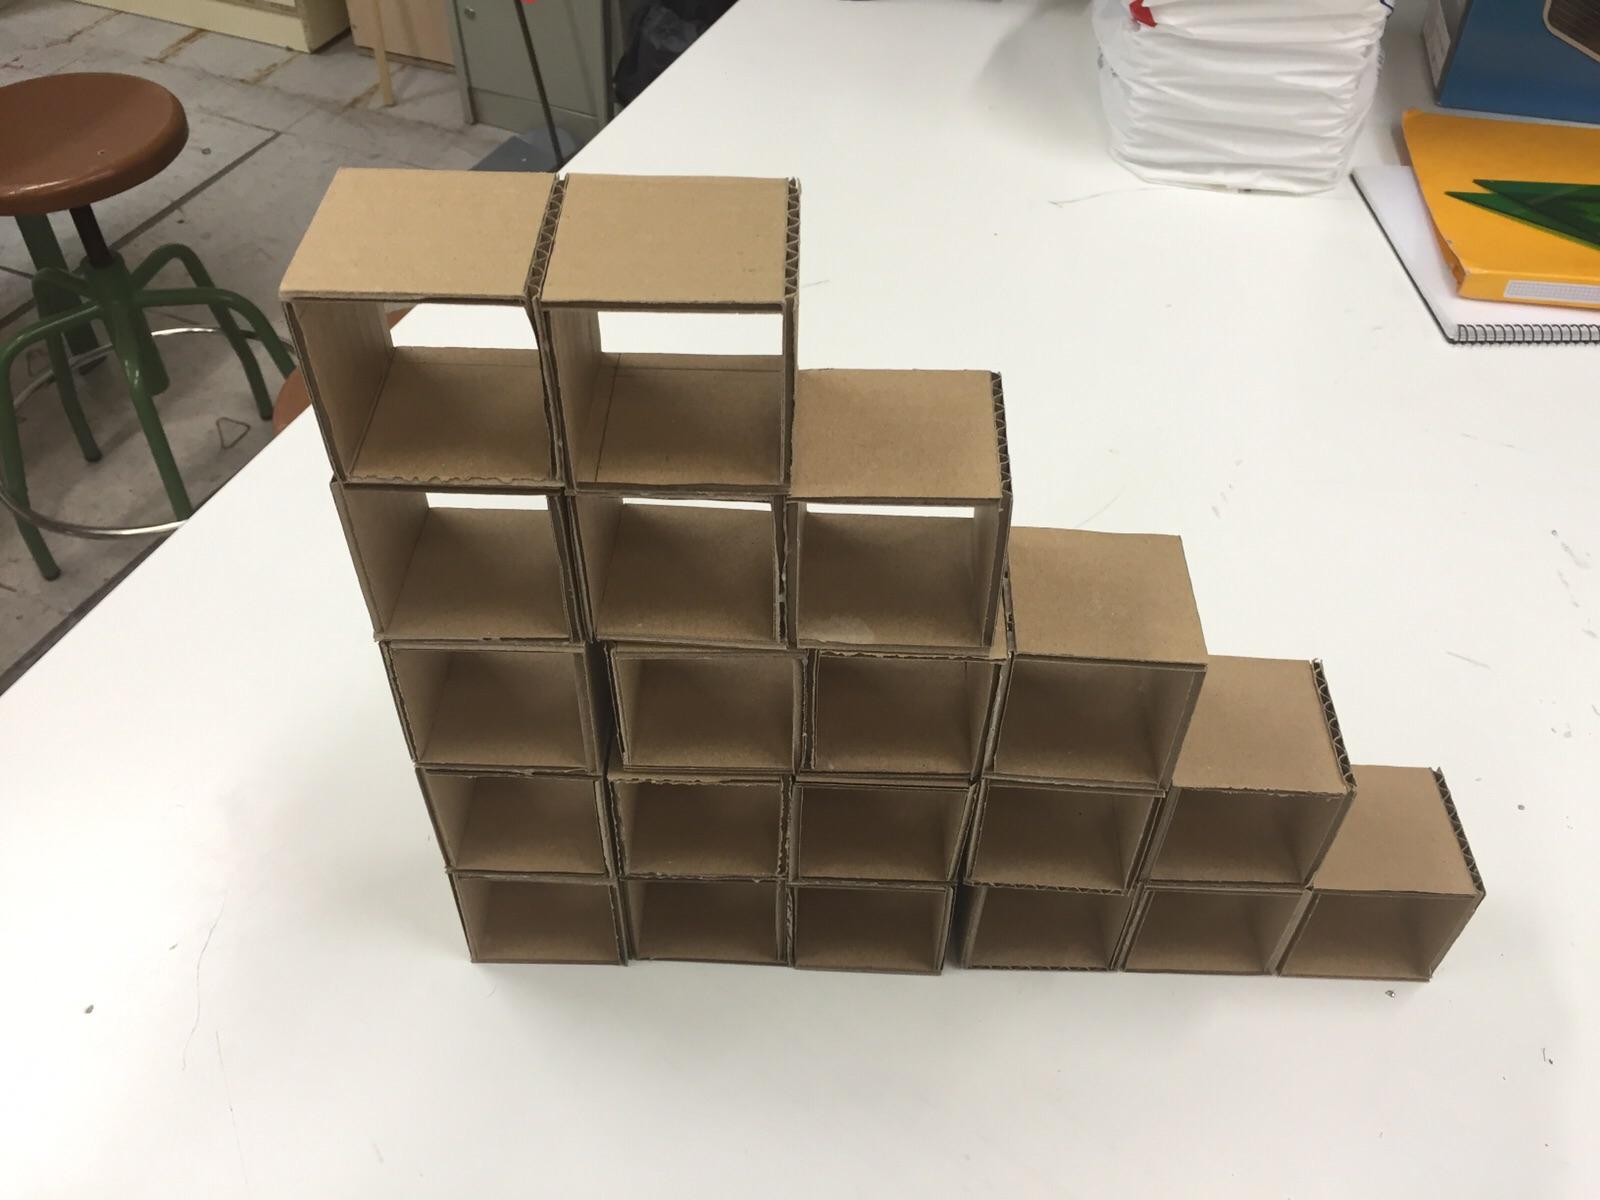 Ale tecno proyecto estanter a de cart n - Estanteria carton ...